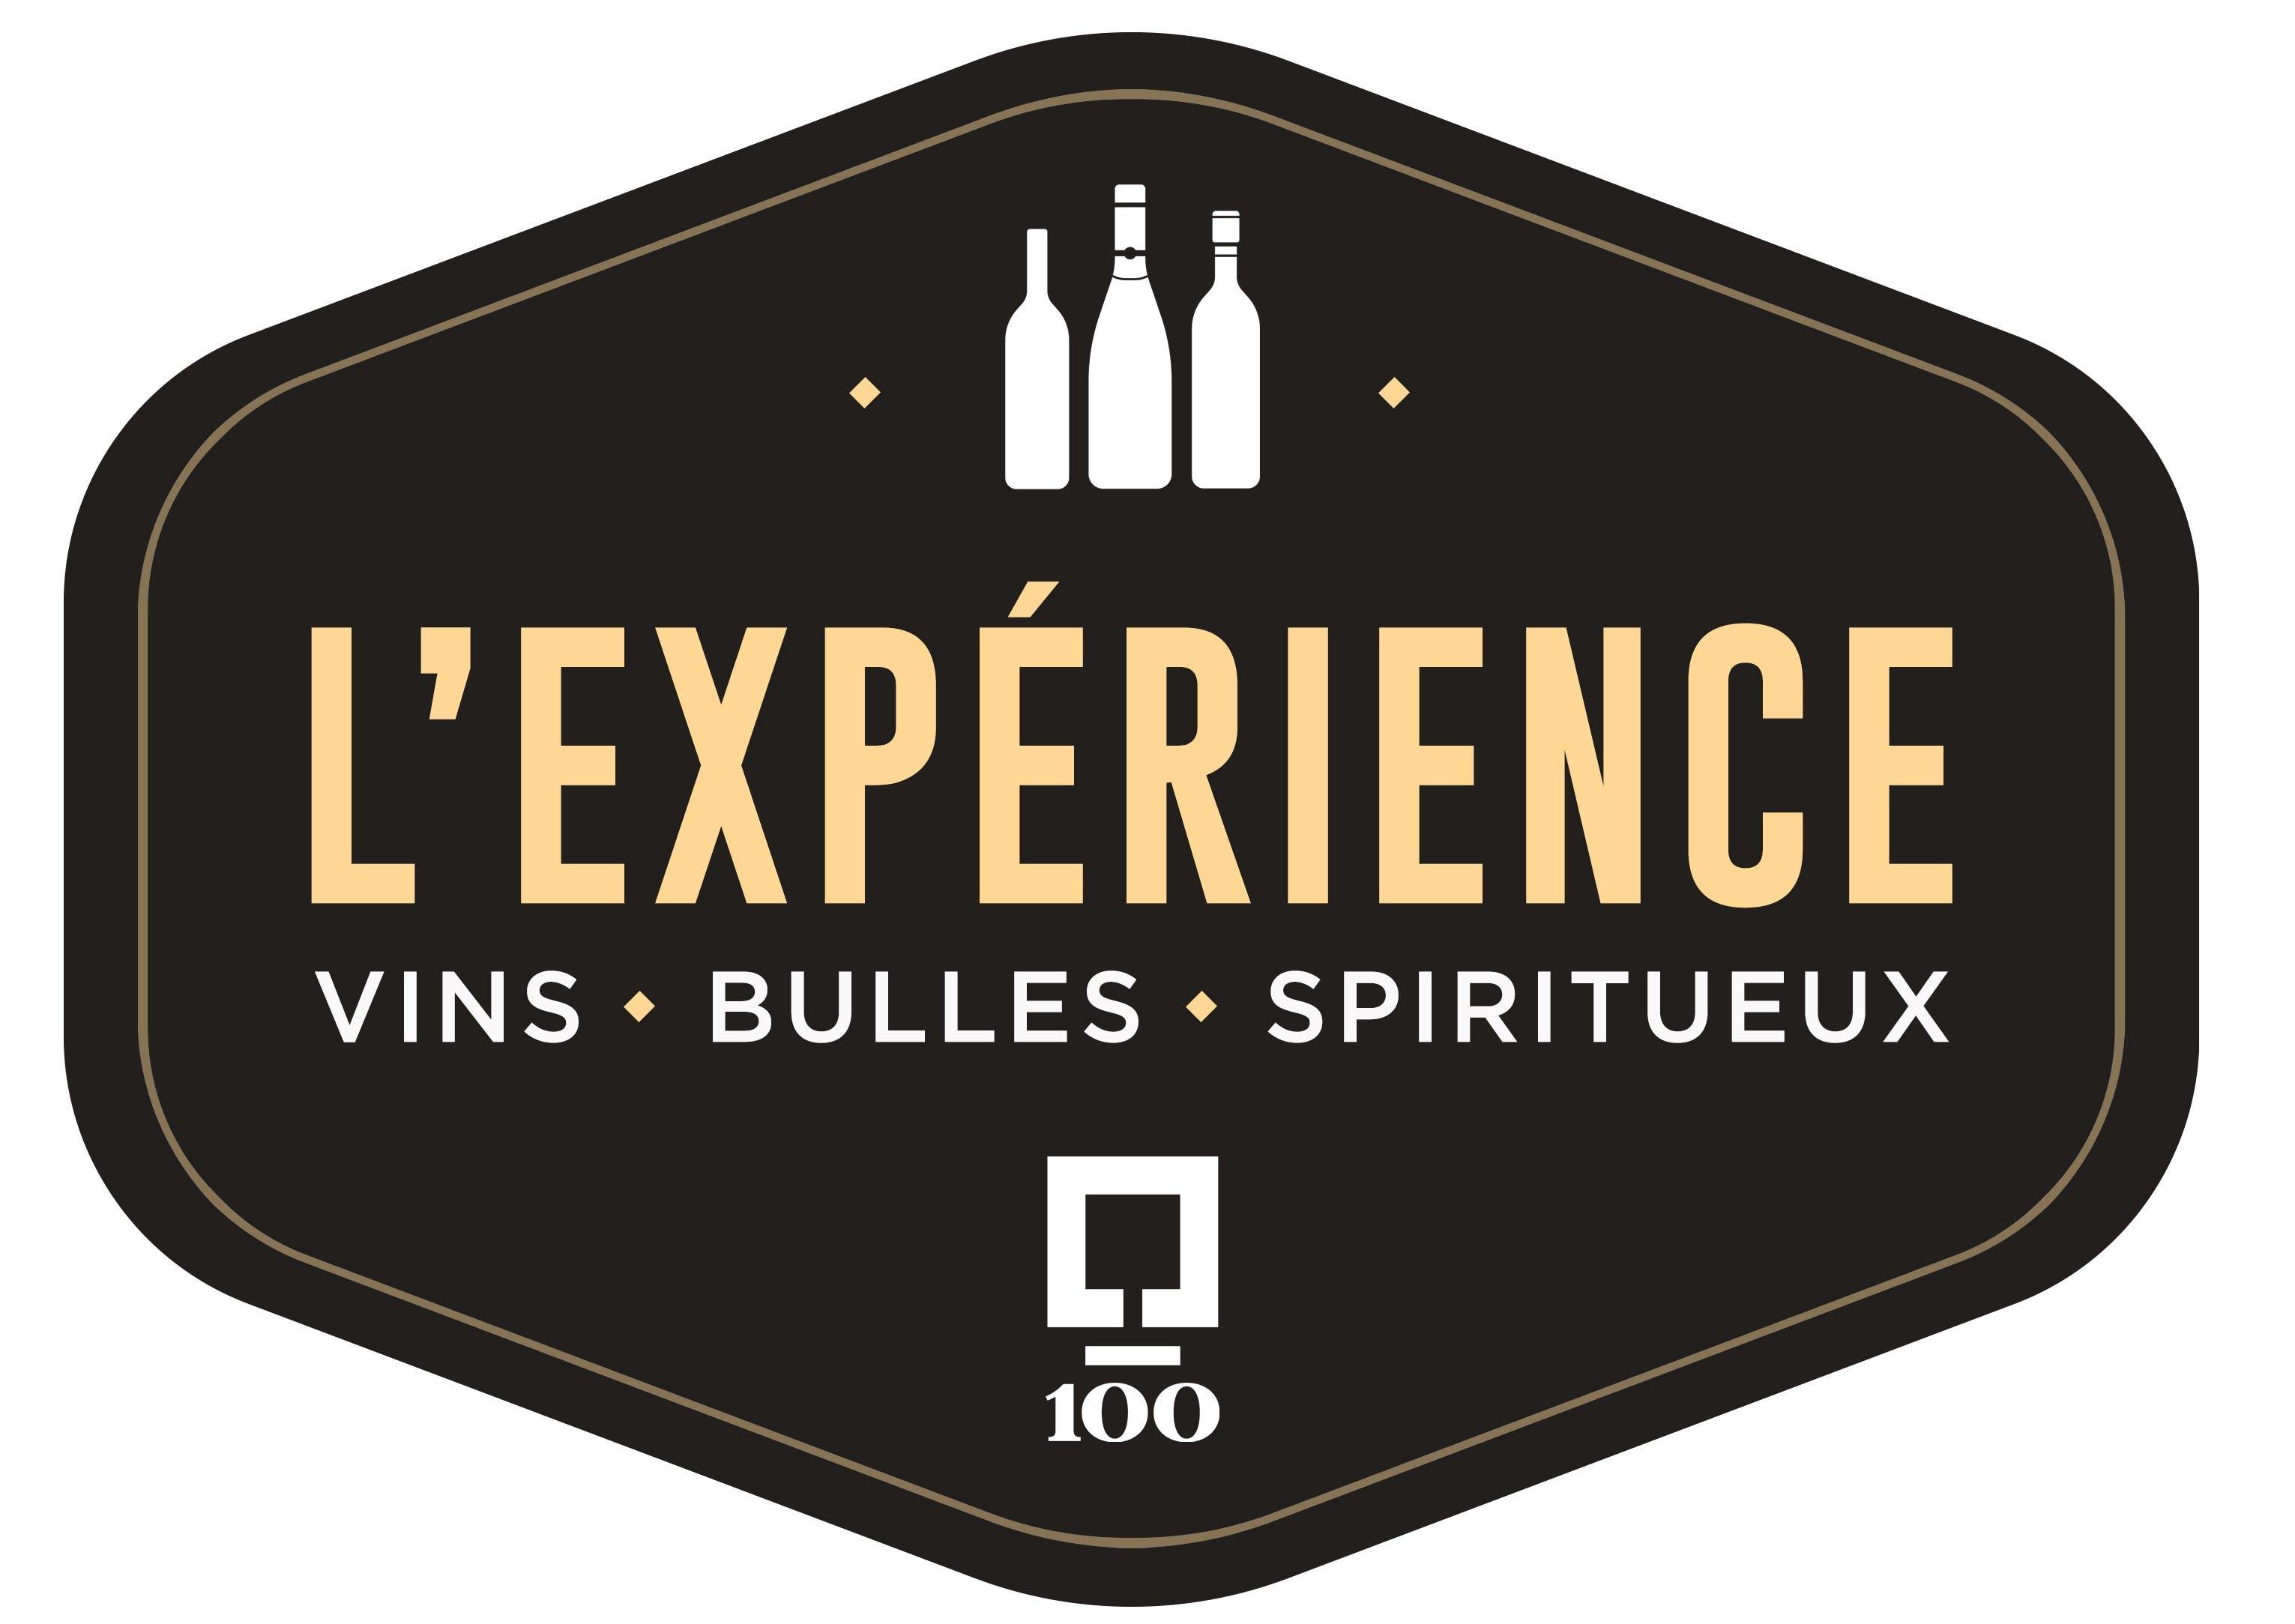 La SAQ est fière d'être partenaire de la 2e édition du L'Expérience Vins | Bulles |Spiritueux qui aura lieu du 20 octobre 2021 au 20 avril 2022.